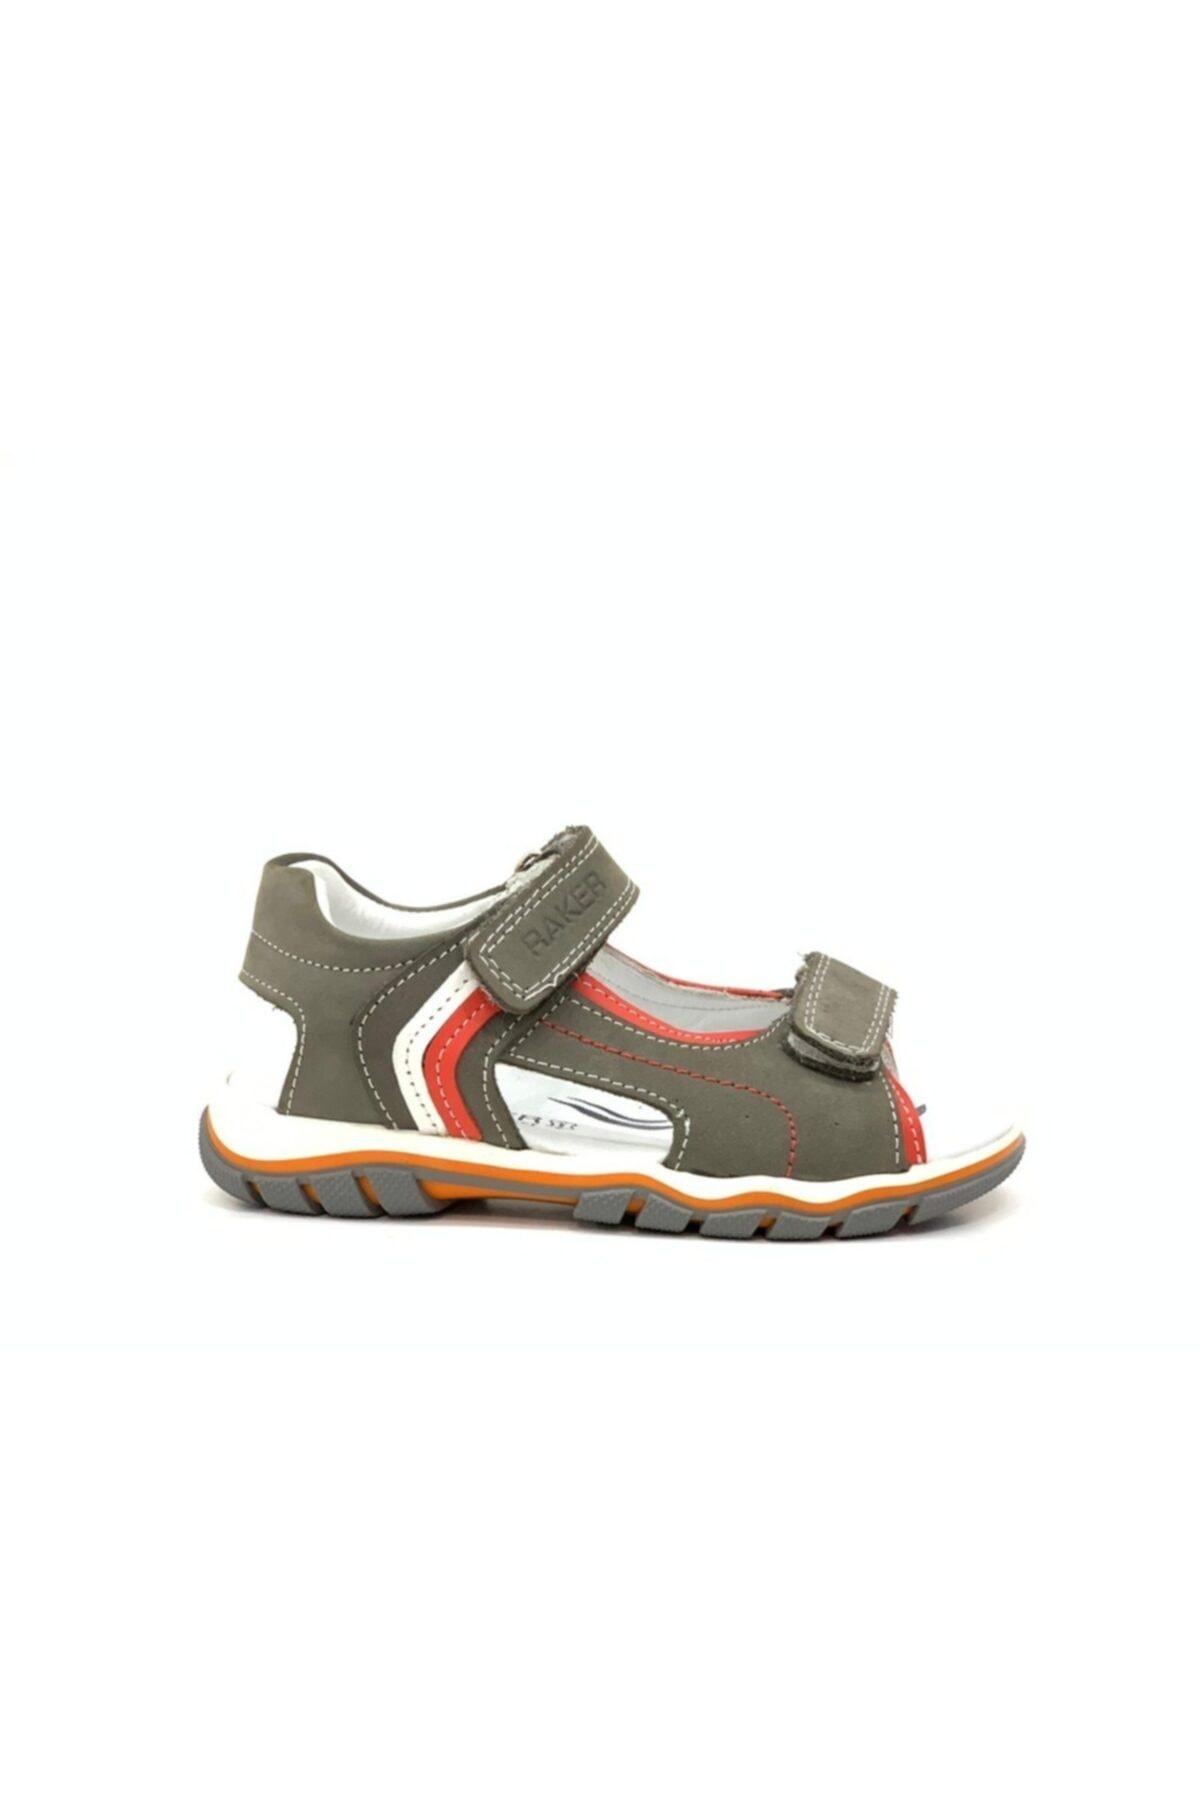 Tuğba Ortopedi 2332 Erkek Çocuk Hakiki Deri Sandalet 1